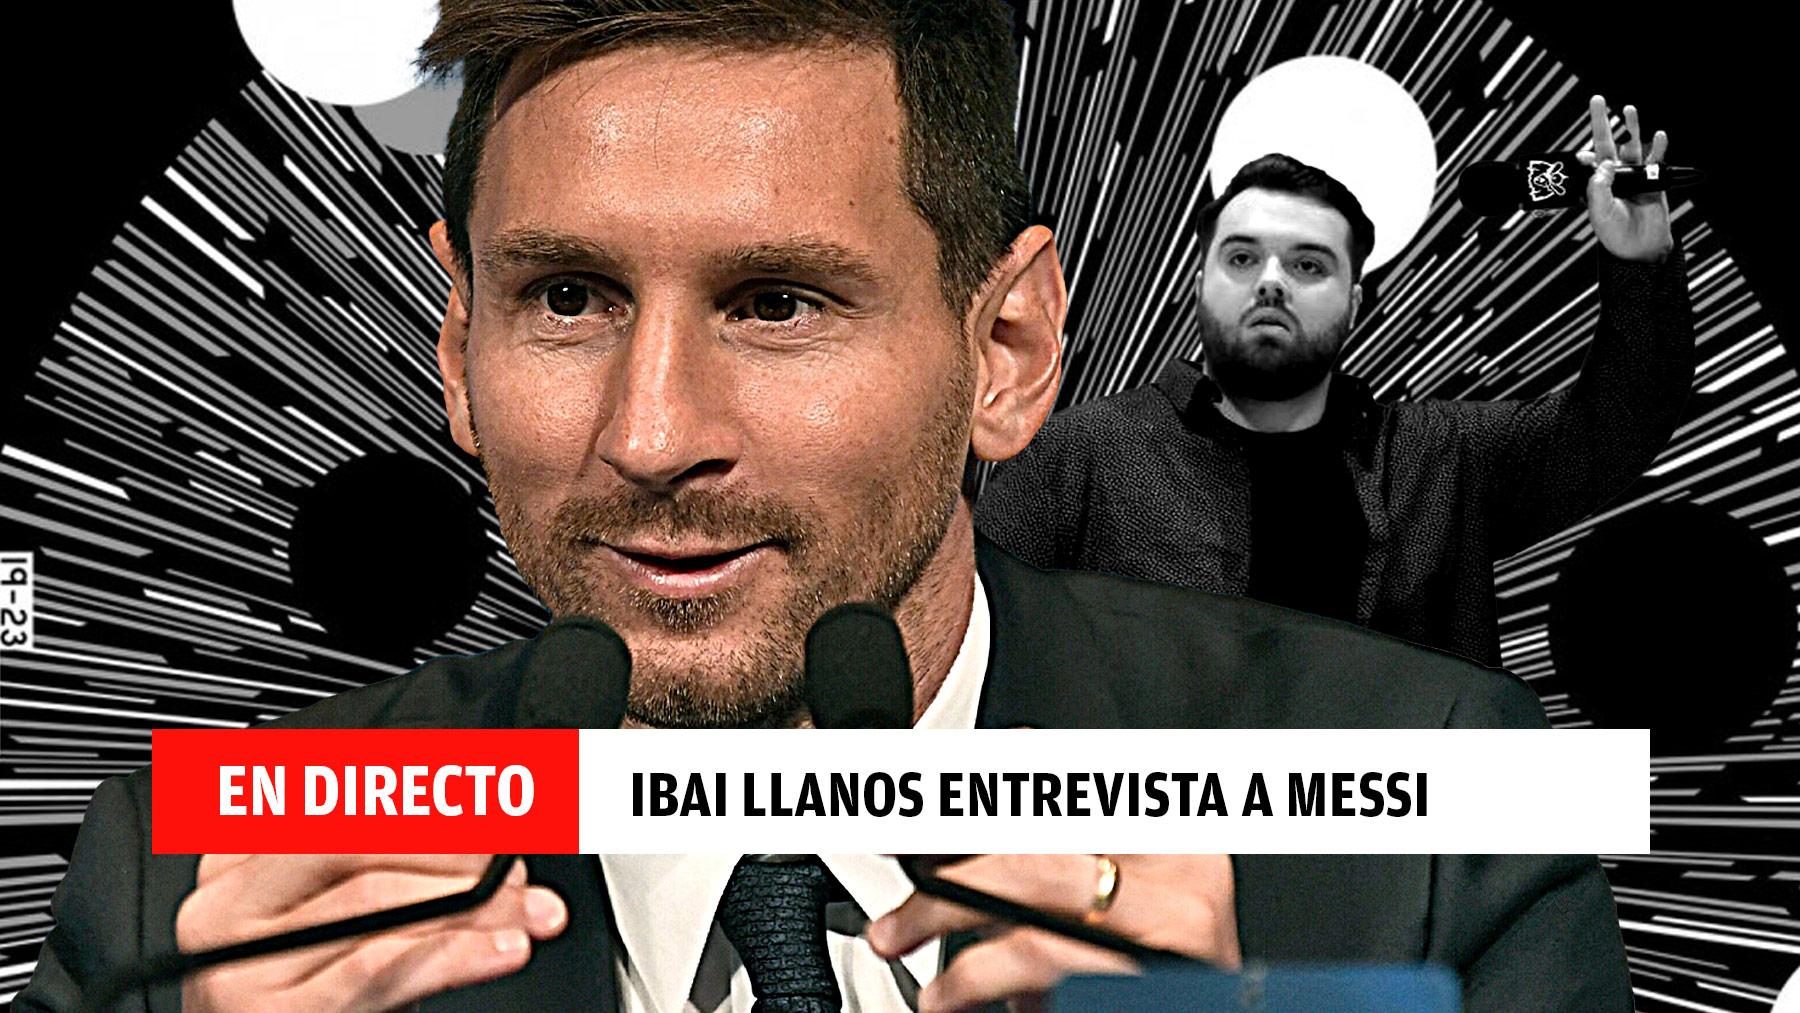 Entrevista de Ibai Llanos a Messi, en directo: presentación en el PSG, última hora sobre el sueldo y su salida del Barcelona.